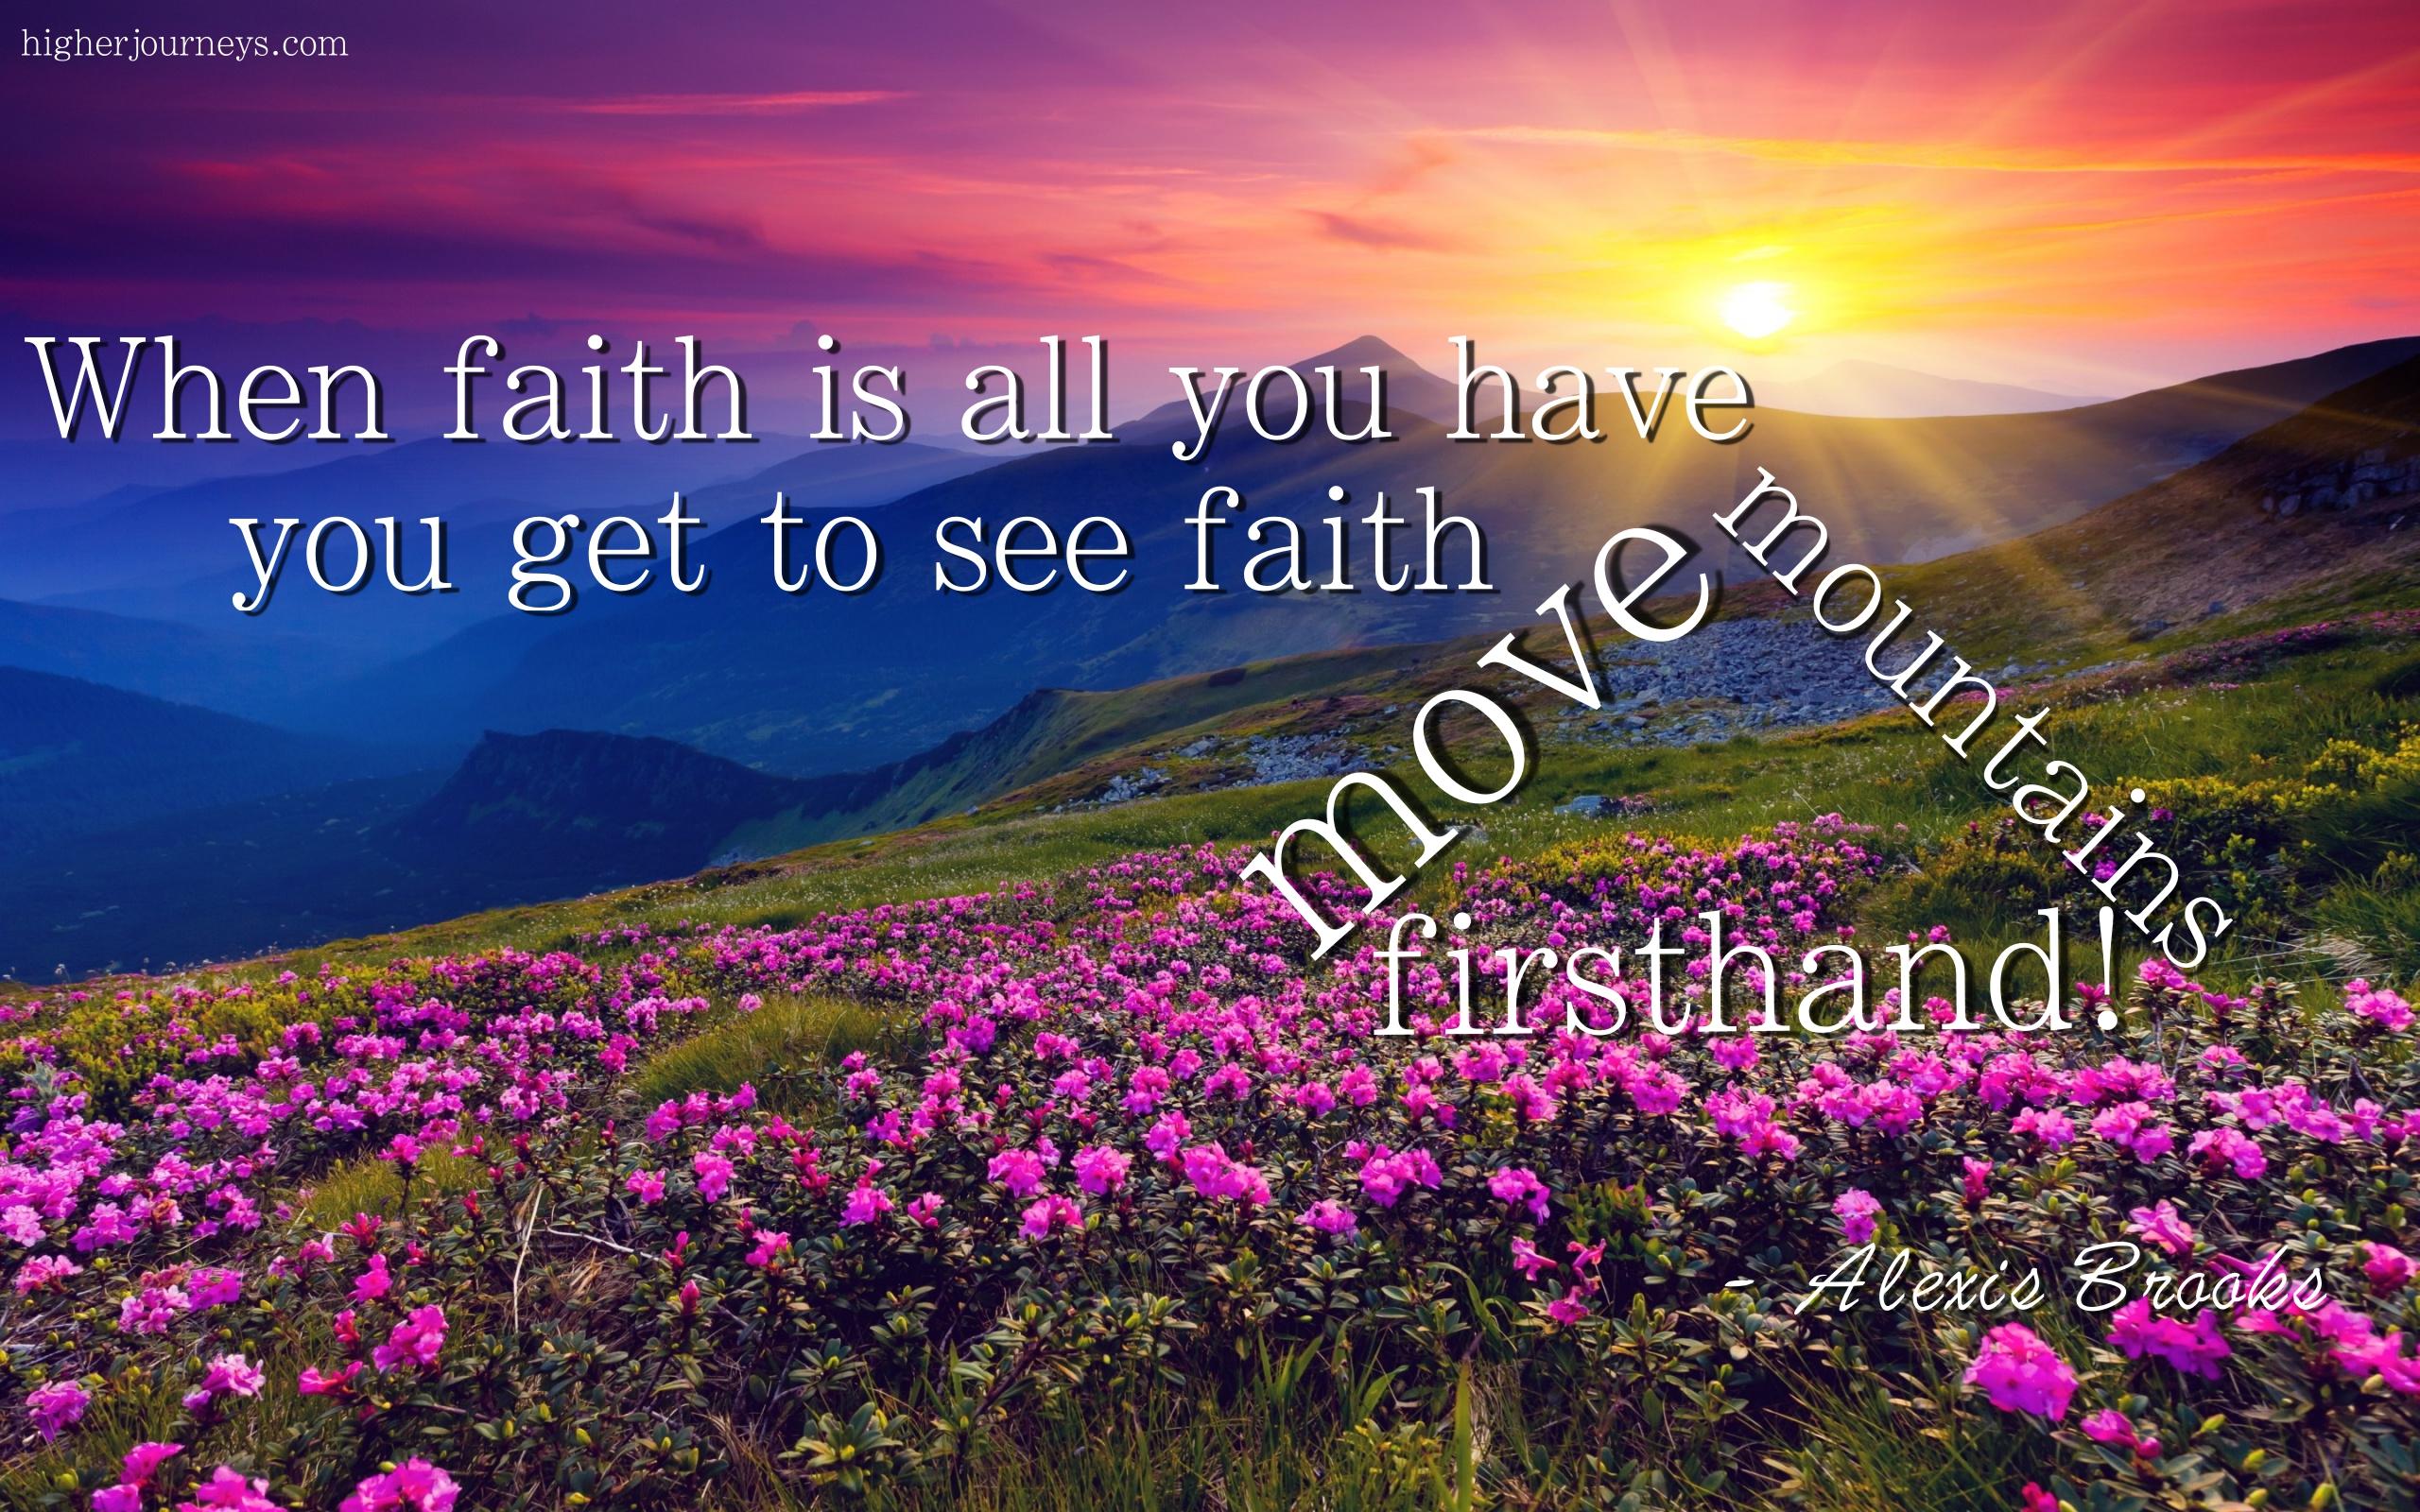 Christian Quote Wallpaper Desktop Quote Gallery Higher Journeys